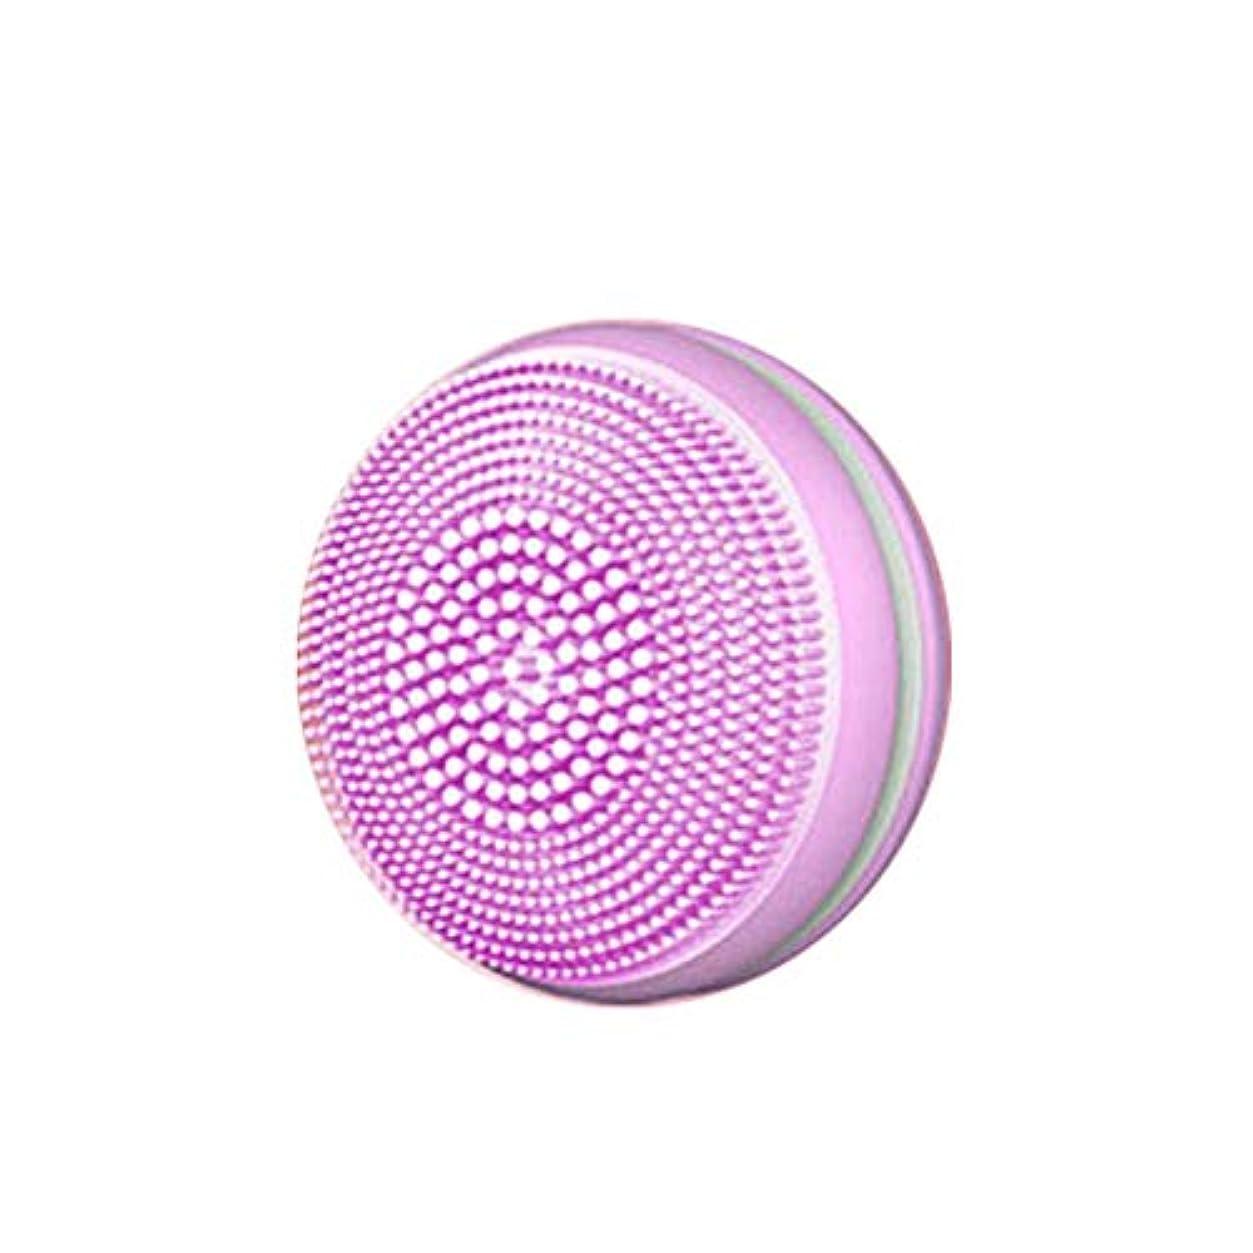 変色するダウンタウンちらつきCoolTack  1ピース電気フェイシャルブラシクレンザー超音波シリコーンフェイシャルマッサージ